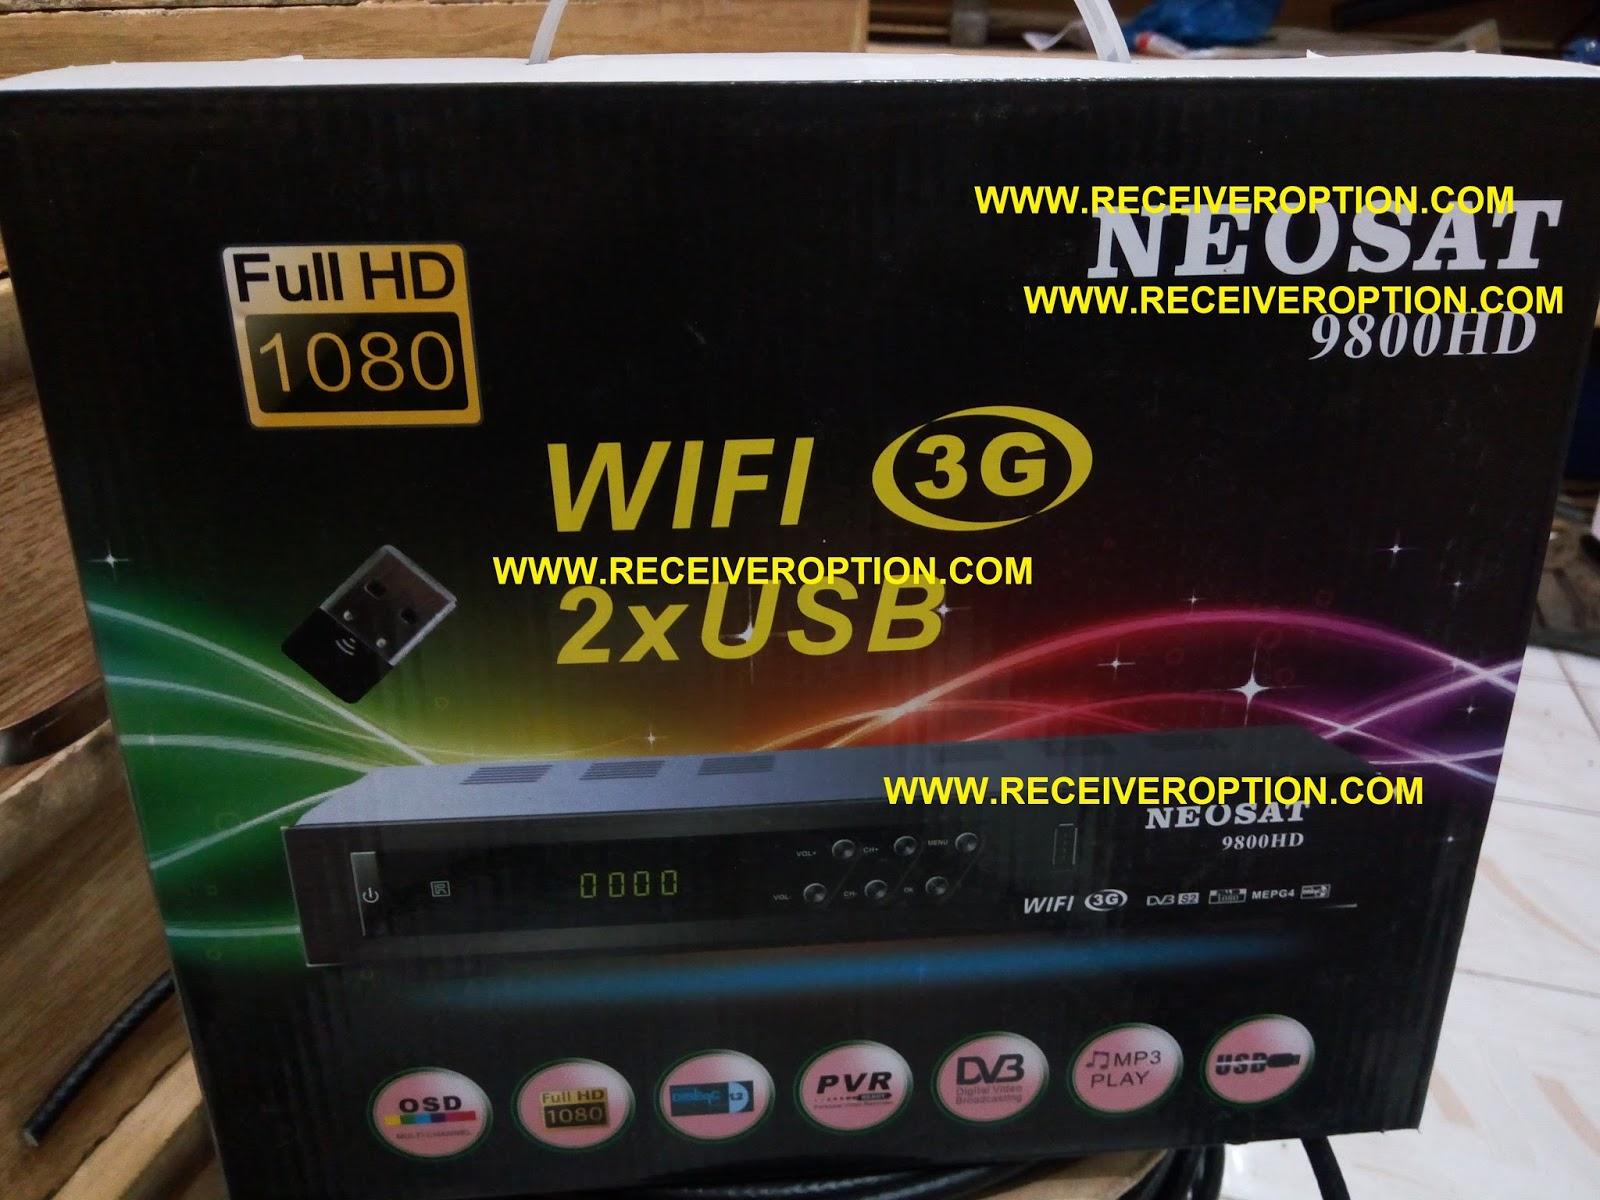 Download Neosat Software And Loader Windows